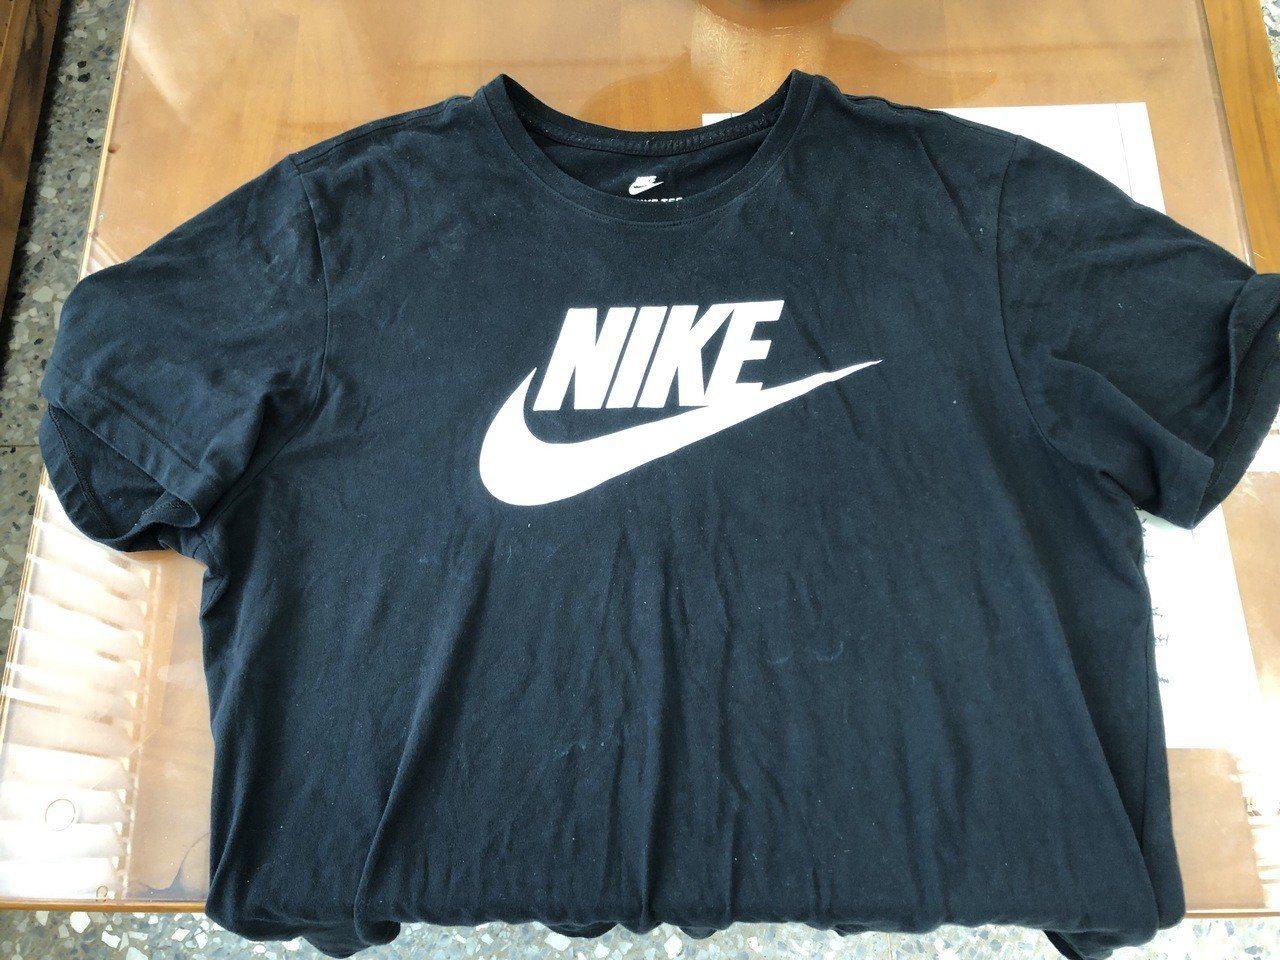 李女飽受驚嚇,但牢牢記住男子身穿黑色印有「NIKE」字樣T恤、藍色牛仔褲特徵,並...